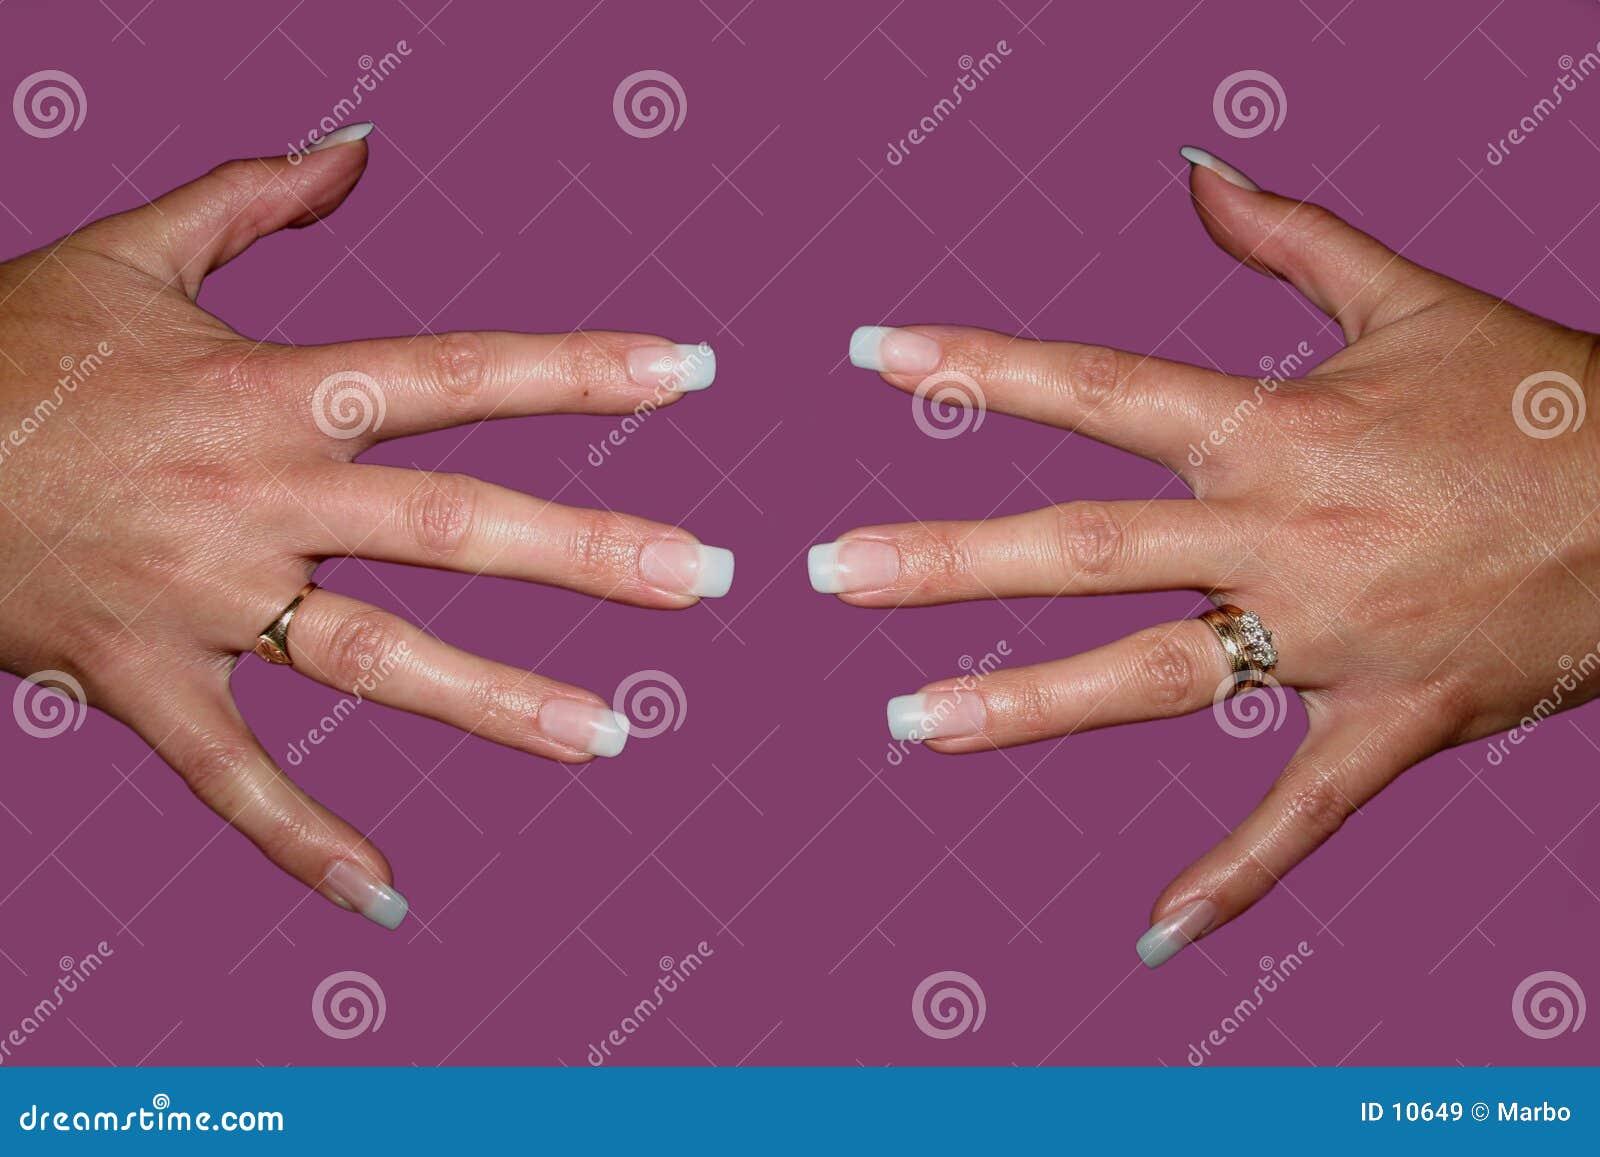 ψεύτικα καρφιά δάχτυλων